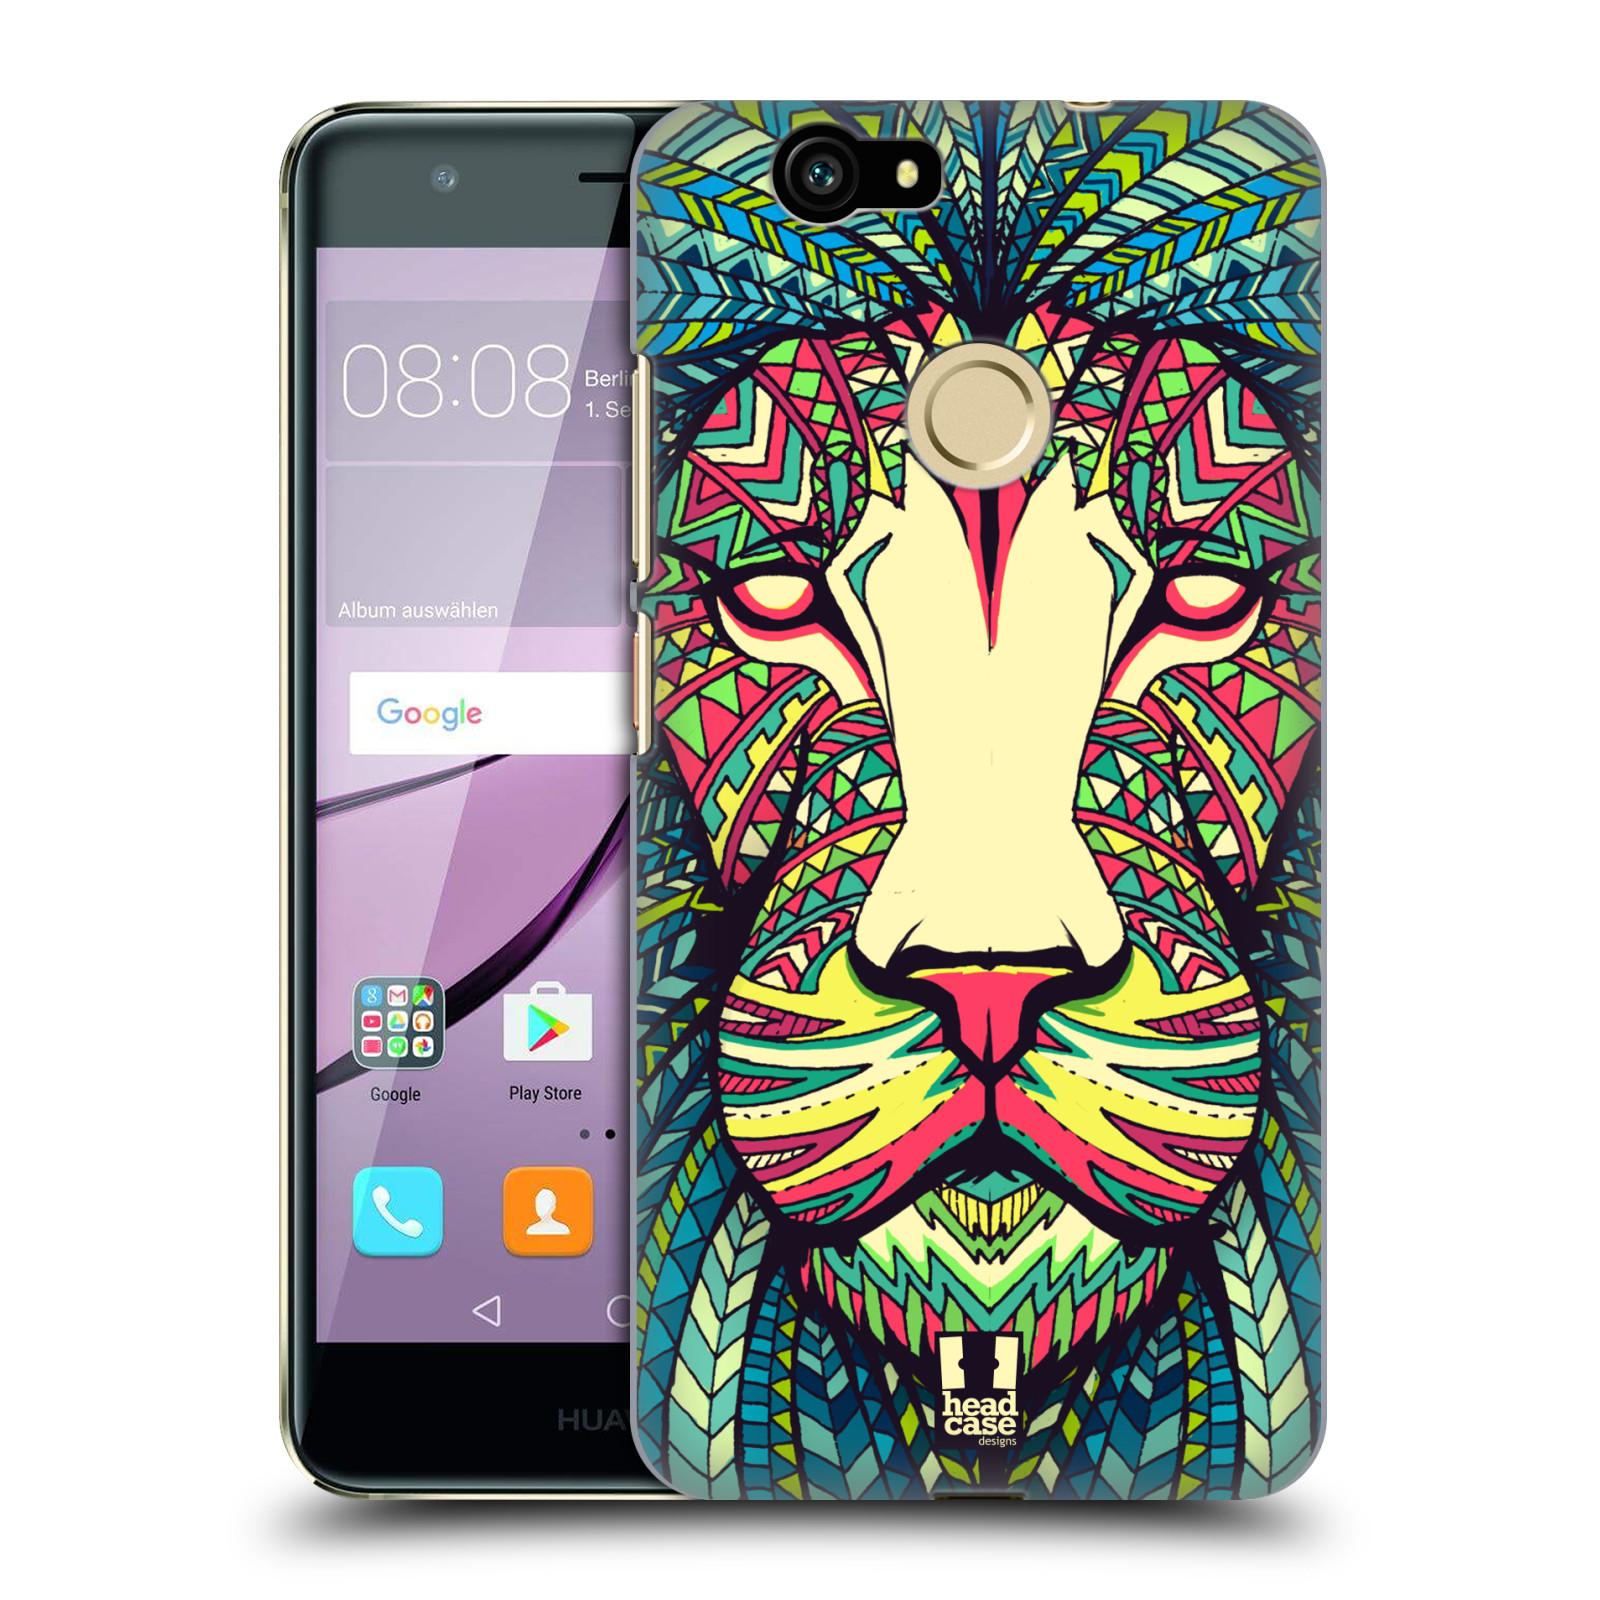 HEAD CASE silikonový obal na mobil Huawei NOVA / NOVA DUAL SIM vzor Aztécký motiv zvíře lev